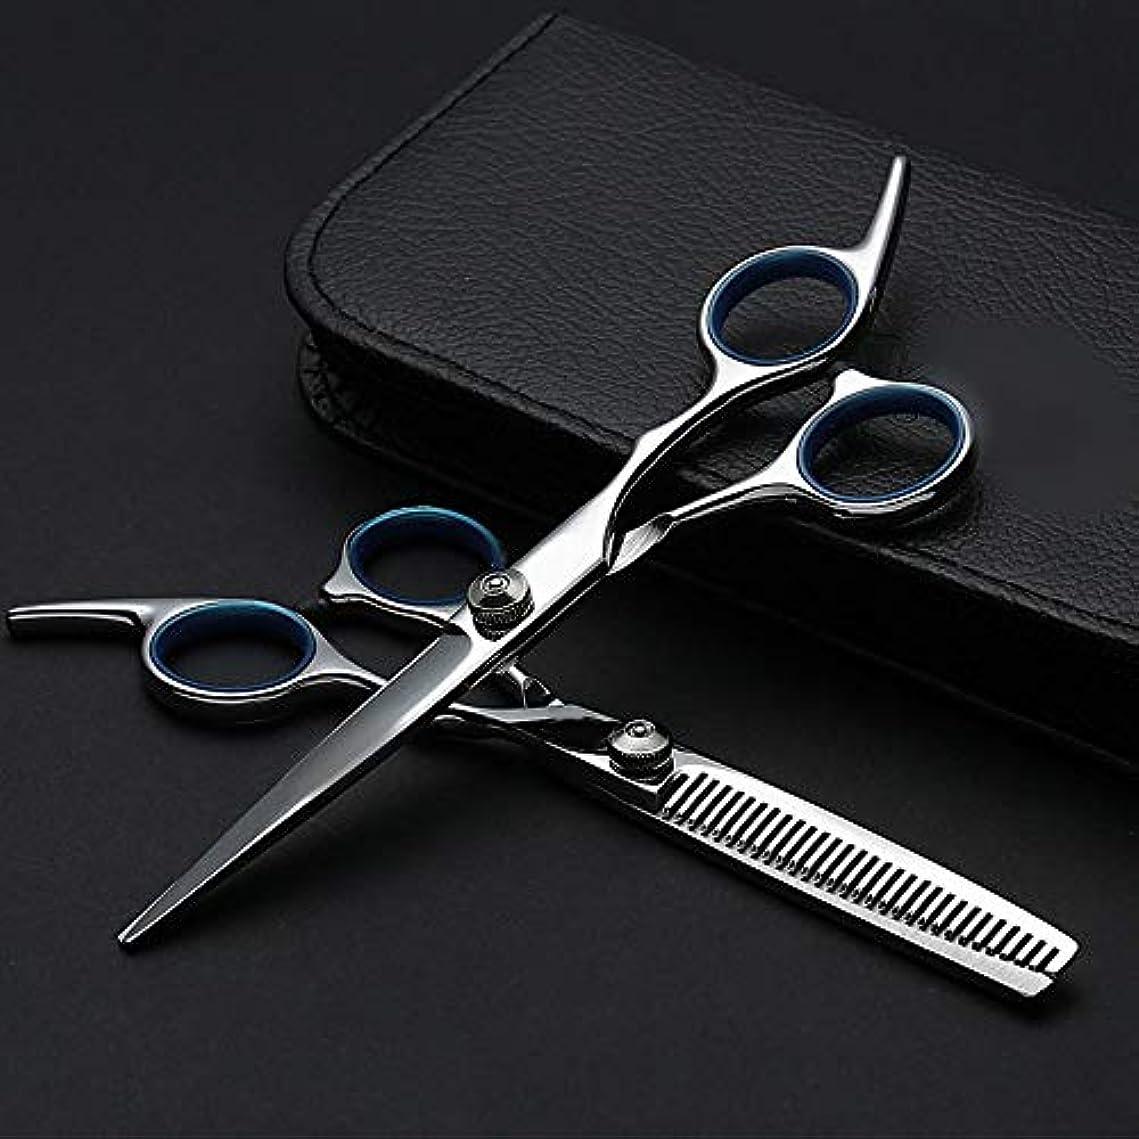 クマノミ吸う信念6インチプロフェッショナル理髪セット、ハサミ+フラットハサミ モデリングツール (色 : Silver)